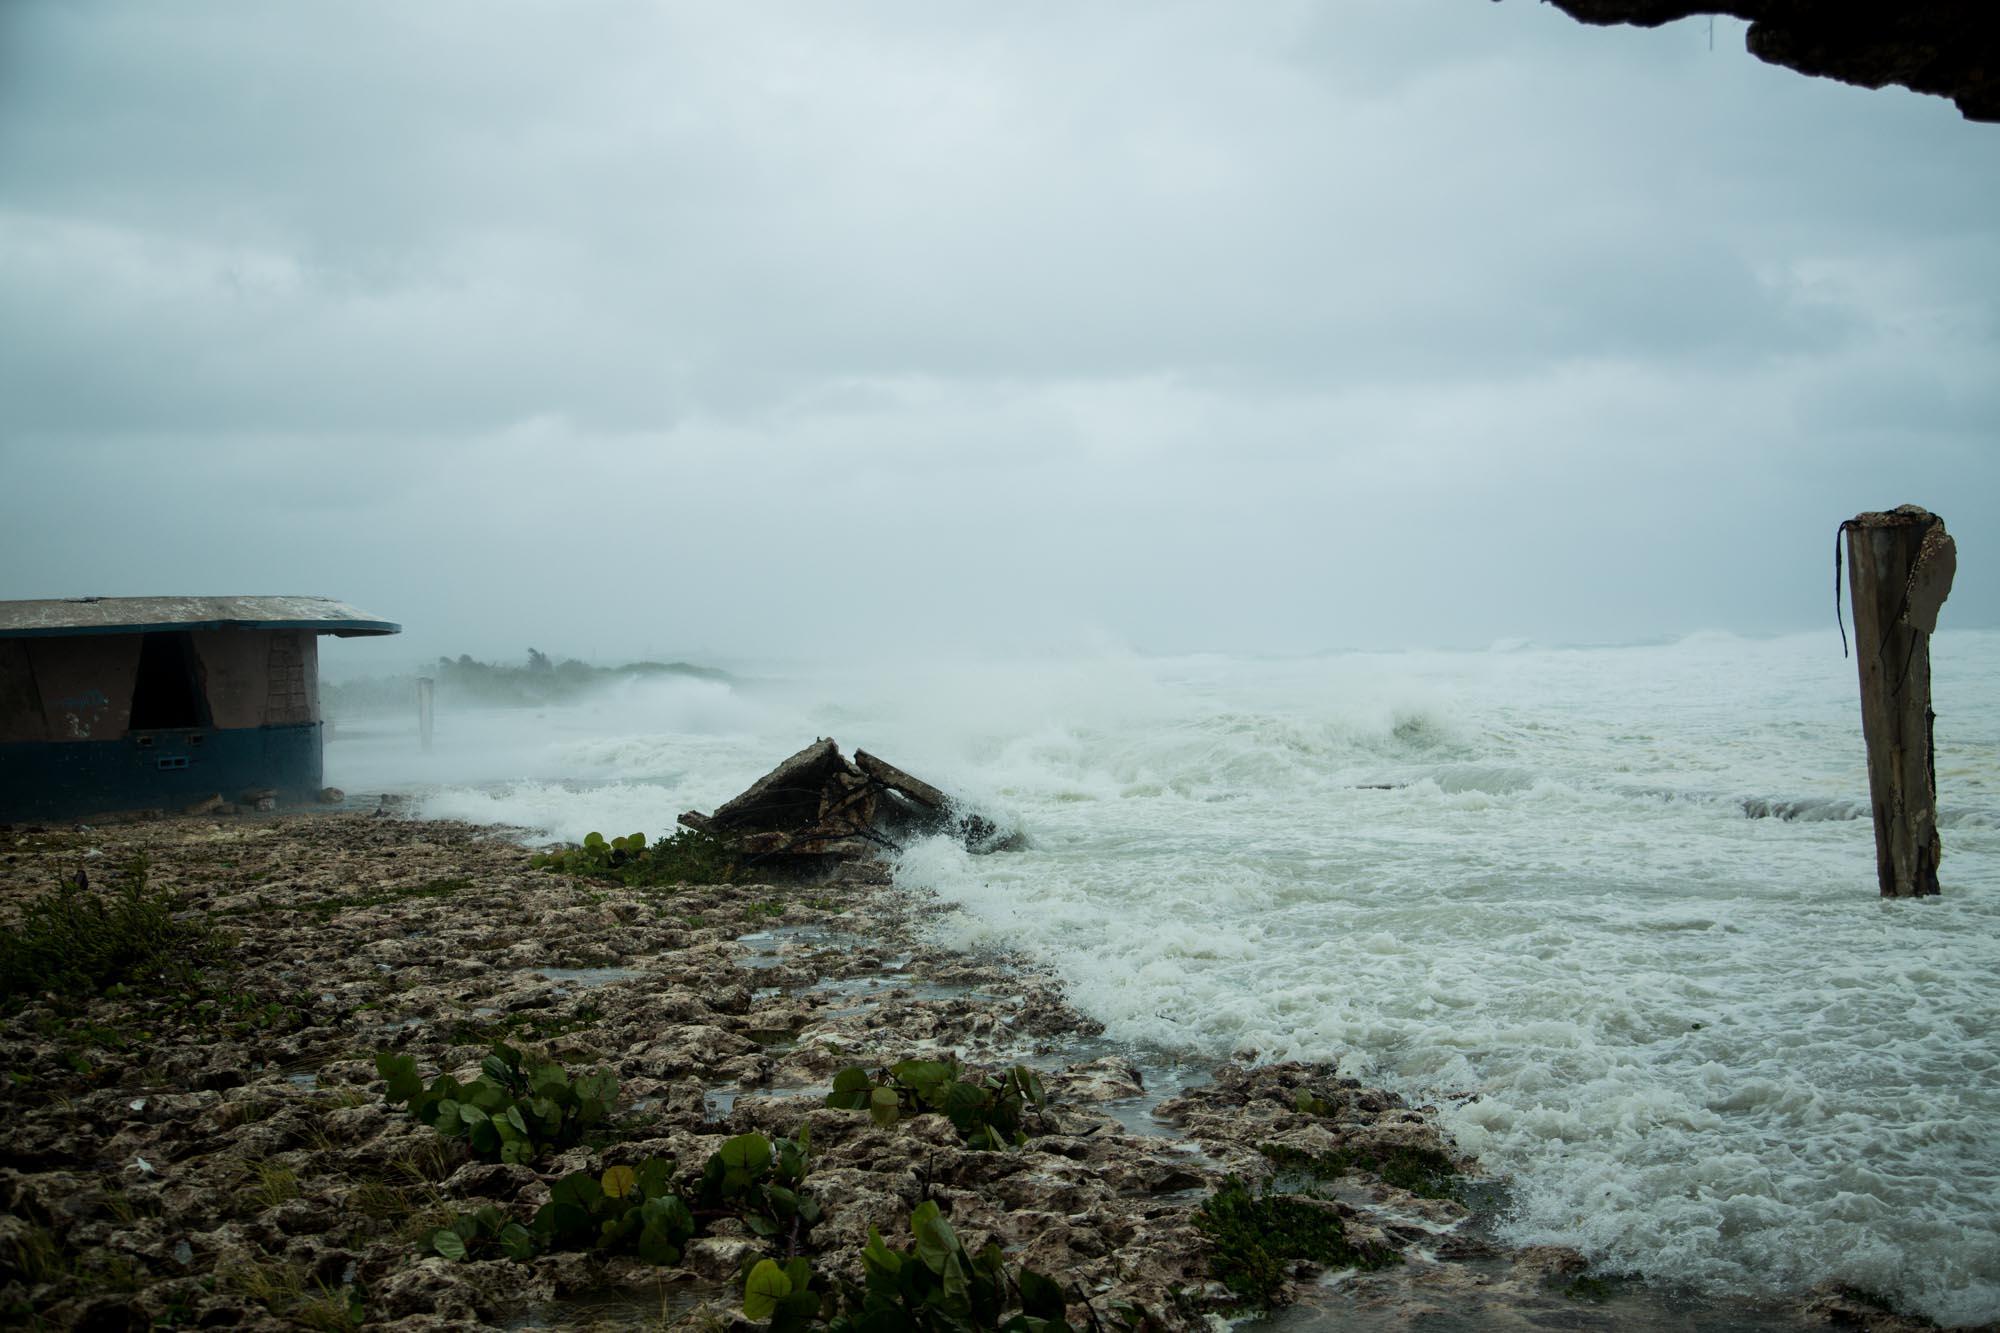 Aunque Alamar es un reparto costero, no se vio afectado por las penetraciones del mar (Foto: Jorge Ricardo)